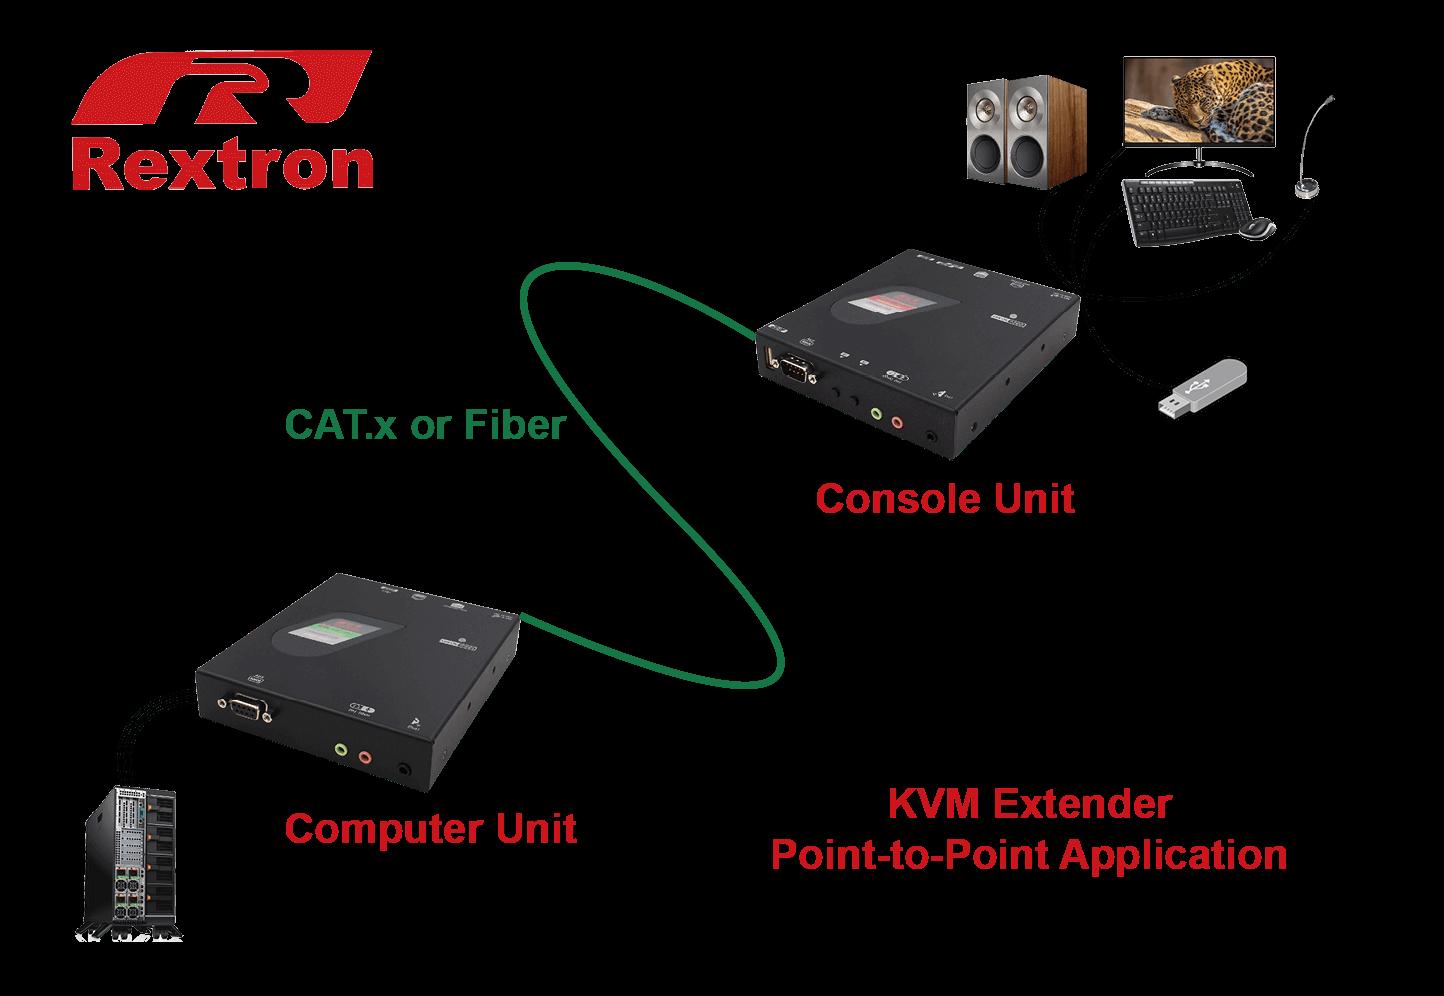 KVM Extender Application